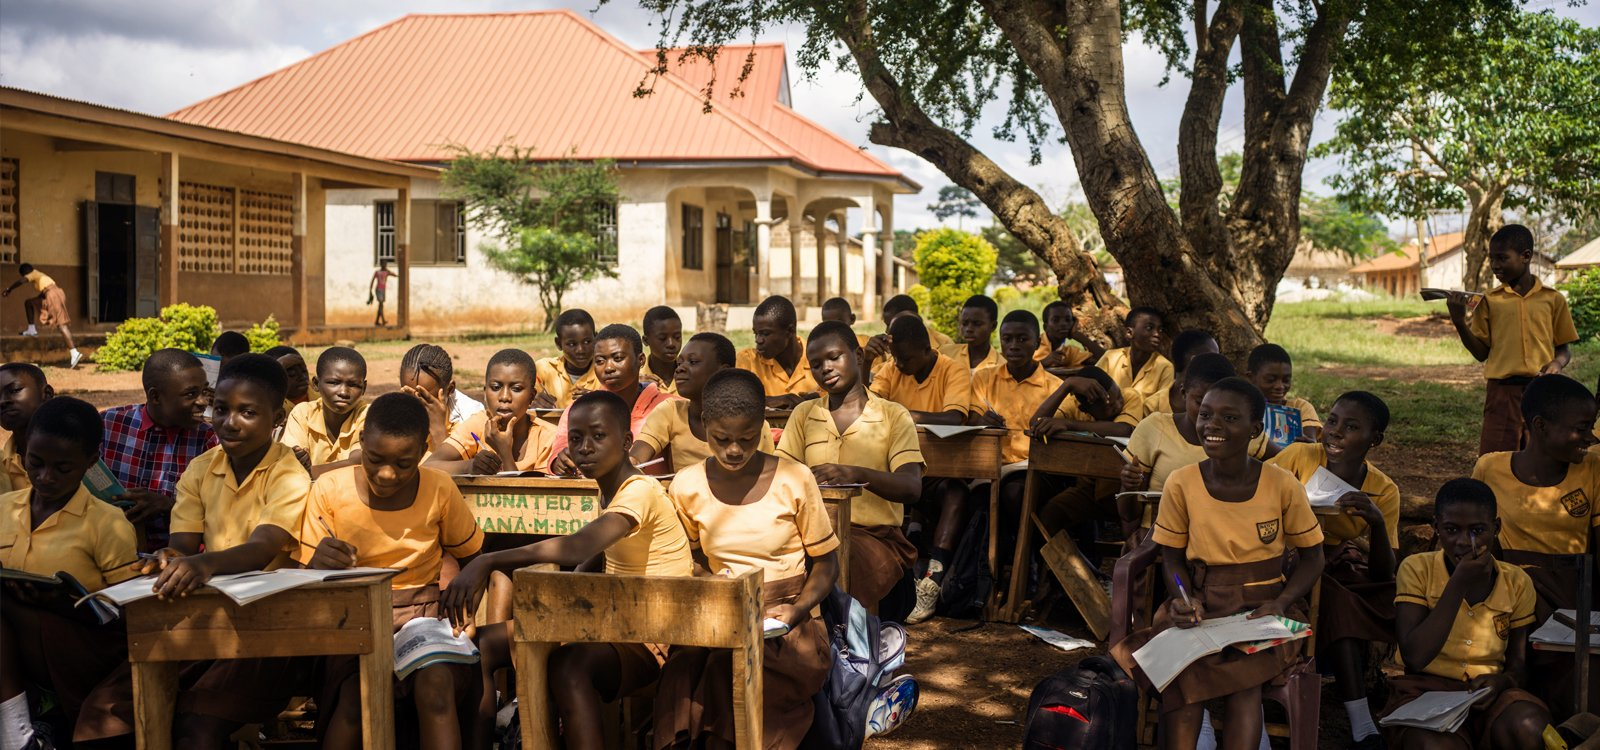 Po tym jak huragan zniszczył część budynku szkoły nr. 1 w Pakyi, dla starszych uczniów wprowadzono lekcje w prowizorycznych pomieszczeniach.